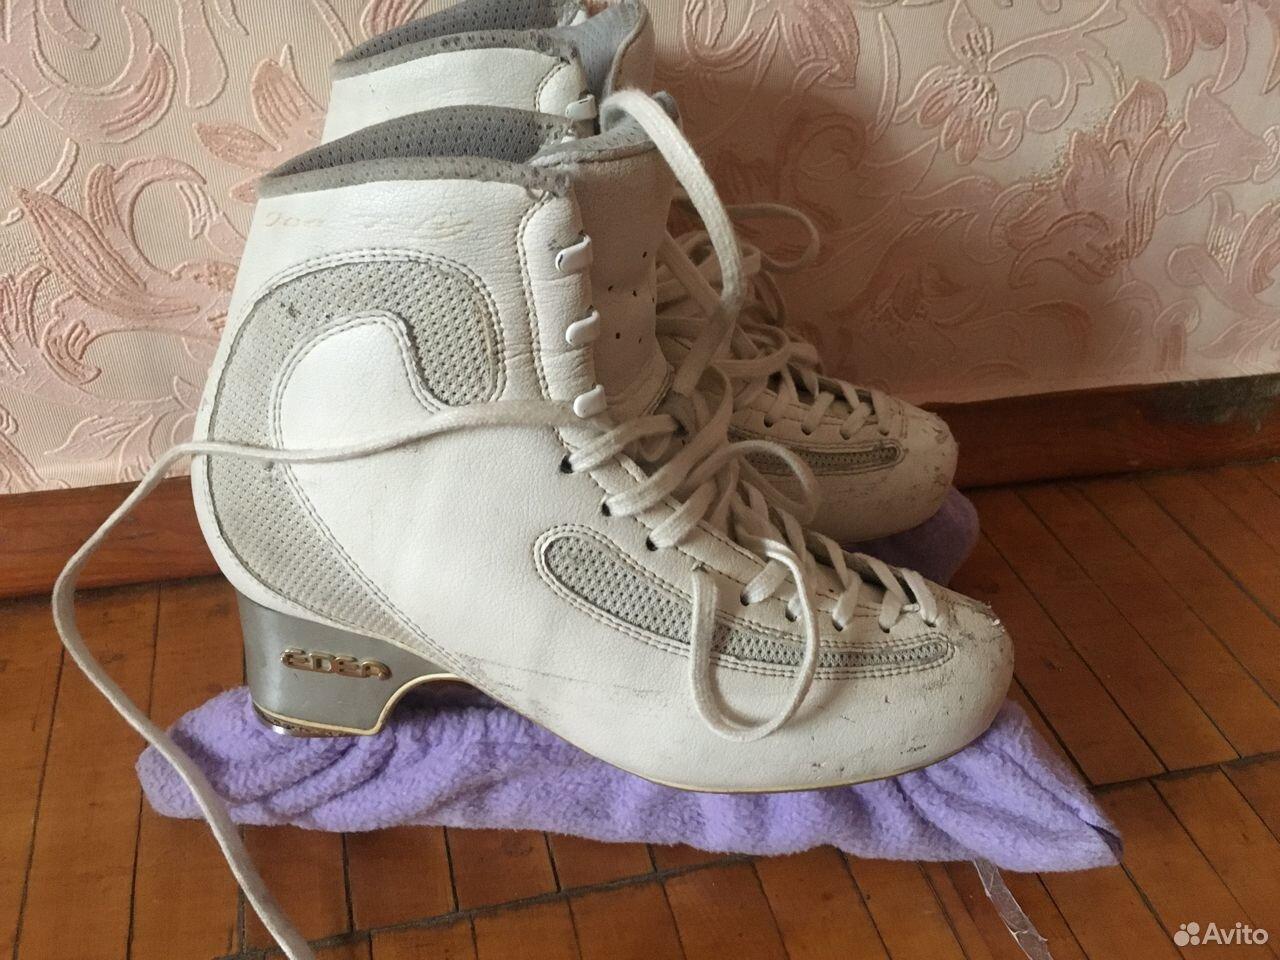 Ботинки фигурные edea ice fly  89221399556 купить 3